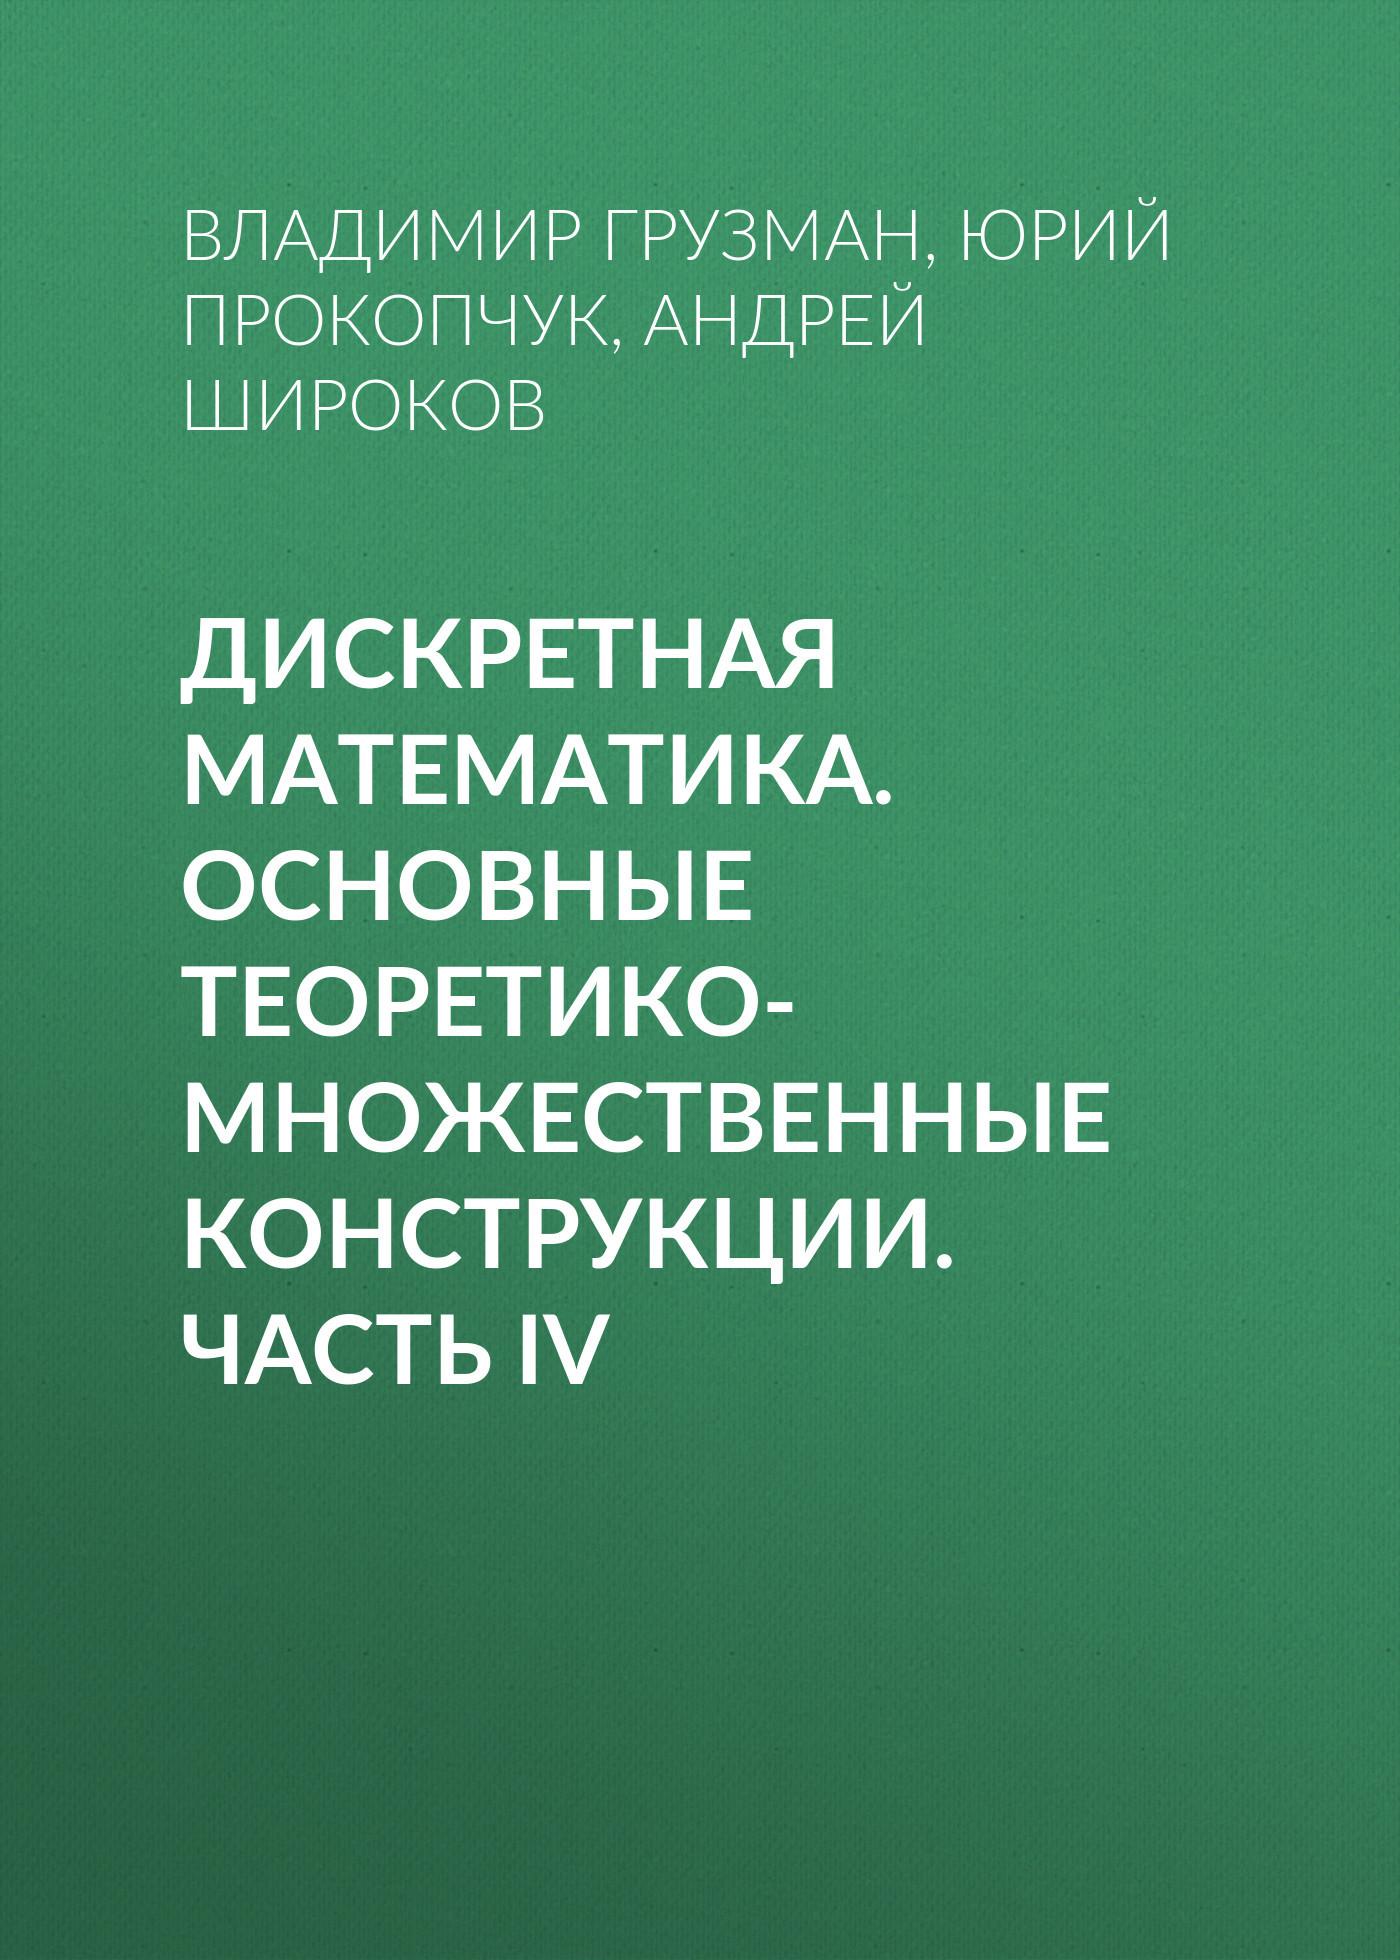 Андрей Широков Дискретная математика. Основные теоретико-множественные конструкции. Часть IV и в бабичева дискретная математика контролирующие материалы к тестированию